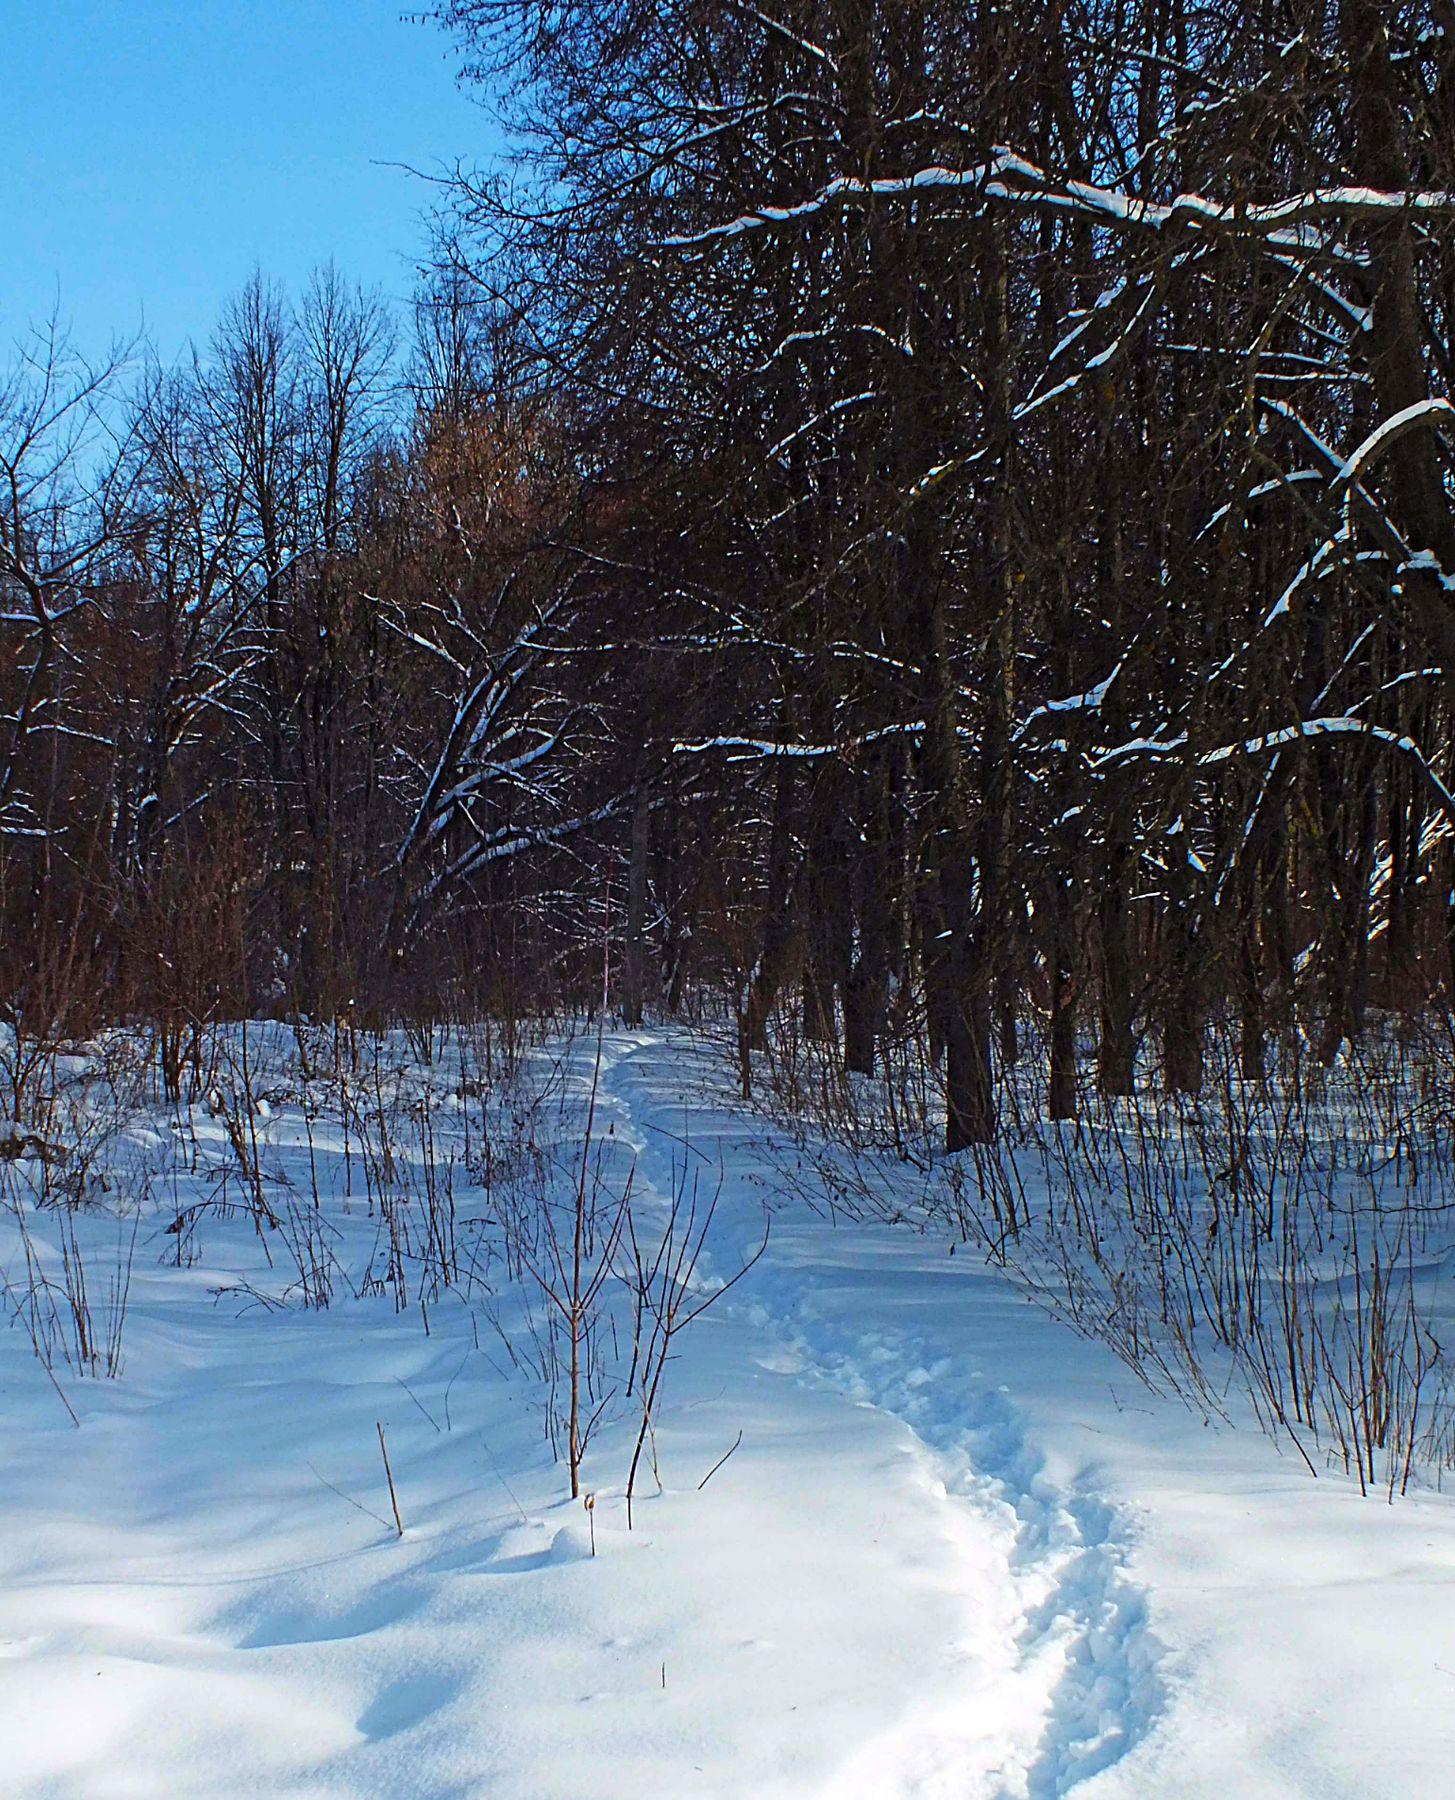 Протоптали зима снег мороз